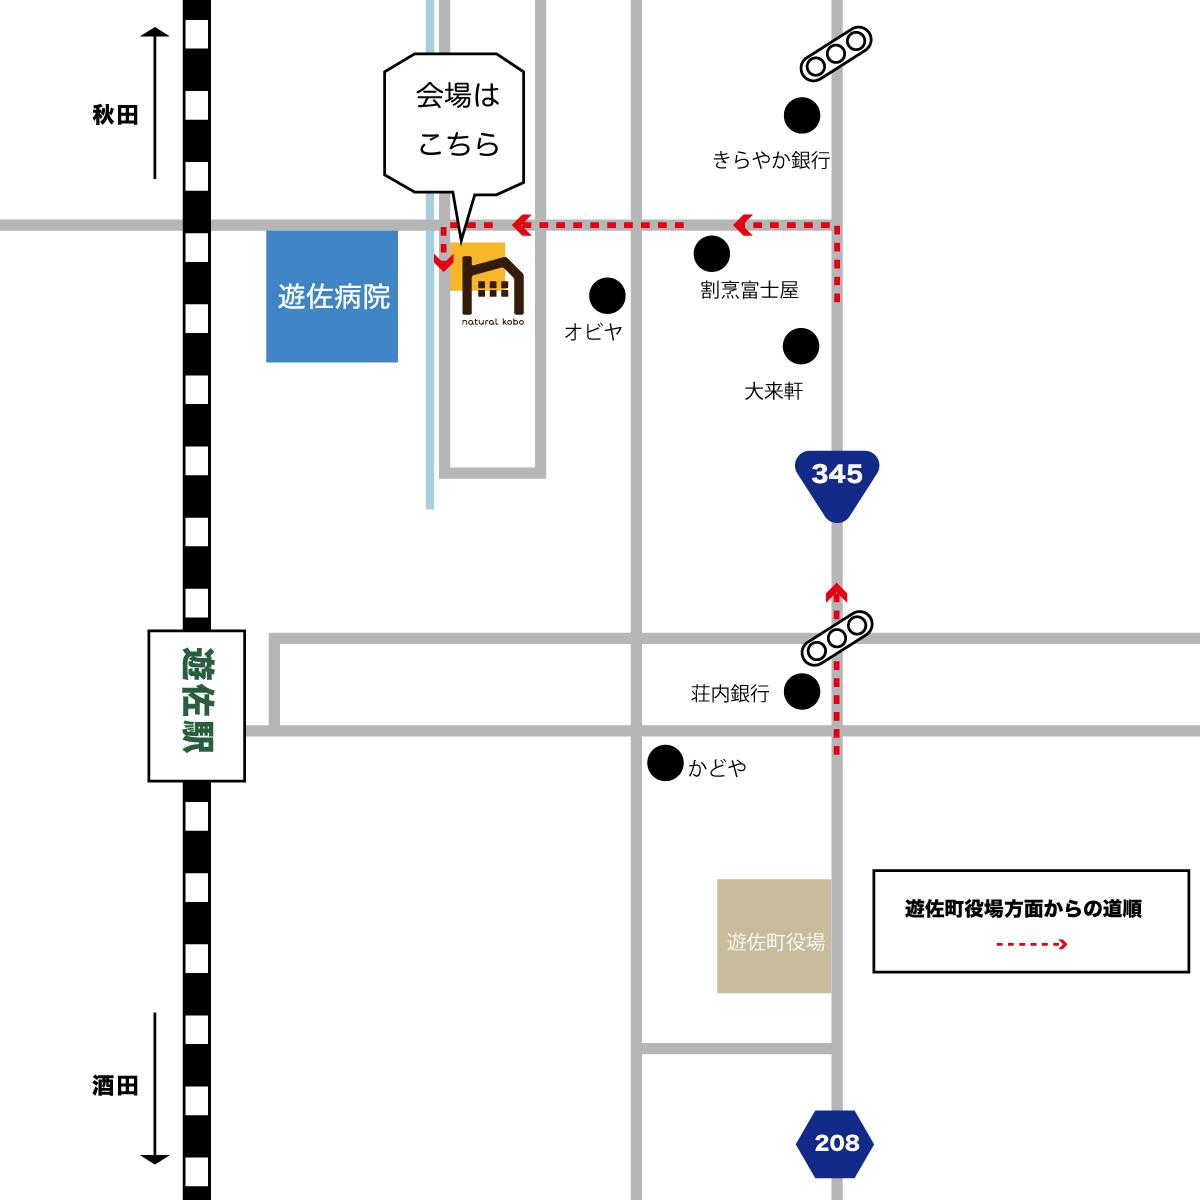 地図。遊佐町遊佐京田にて大好きな猫と暮らすナチュラルテイストの戸建てリノベーション住宅の完成見学会を開催します。【酒田鶴岡で新築、デザイン住宅、リノベーションの工務店 ナチュラル工房】